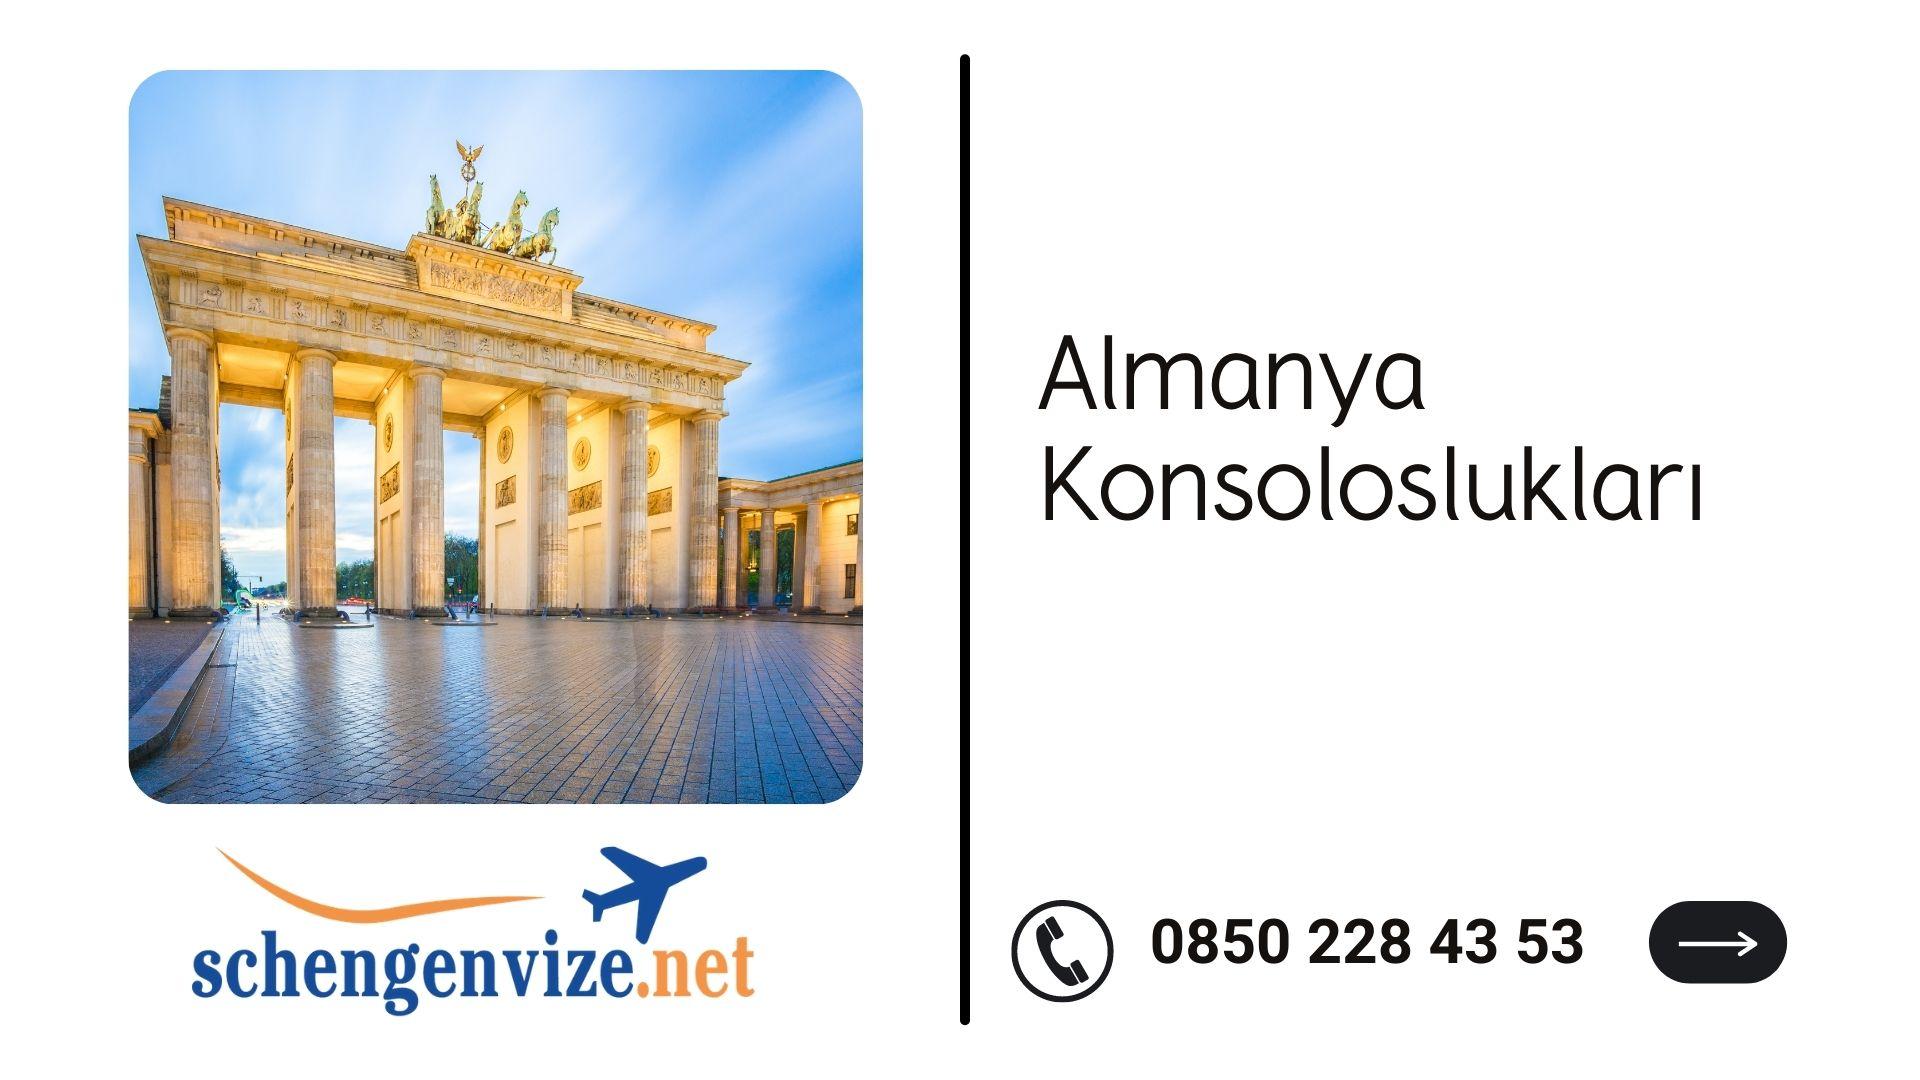 Almanya konsoloslukları